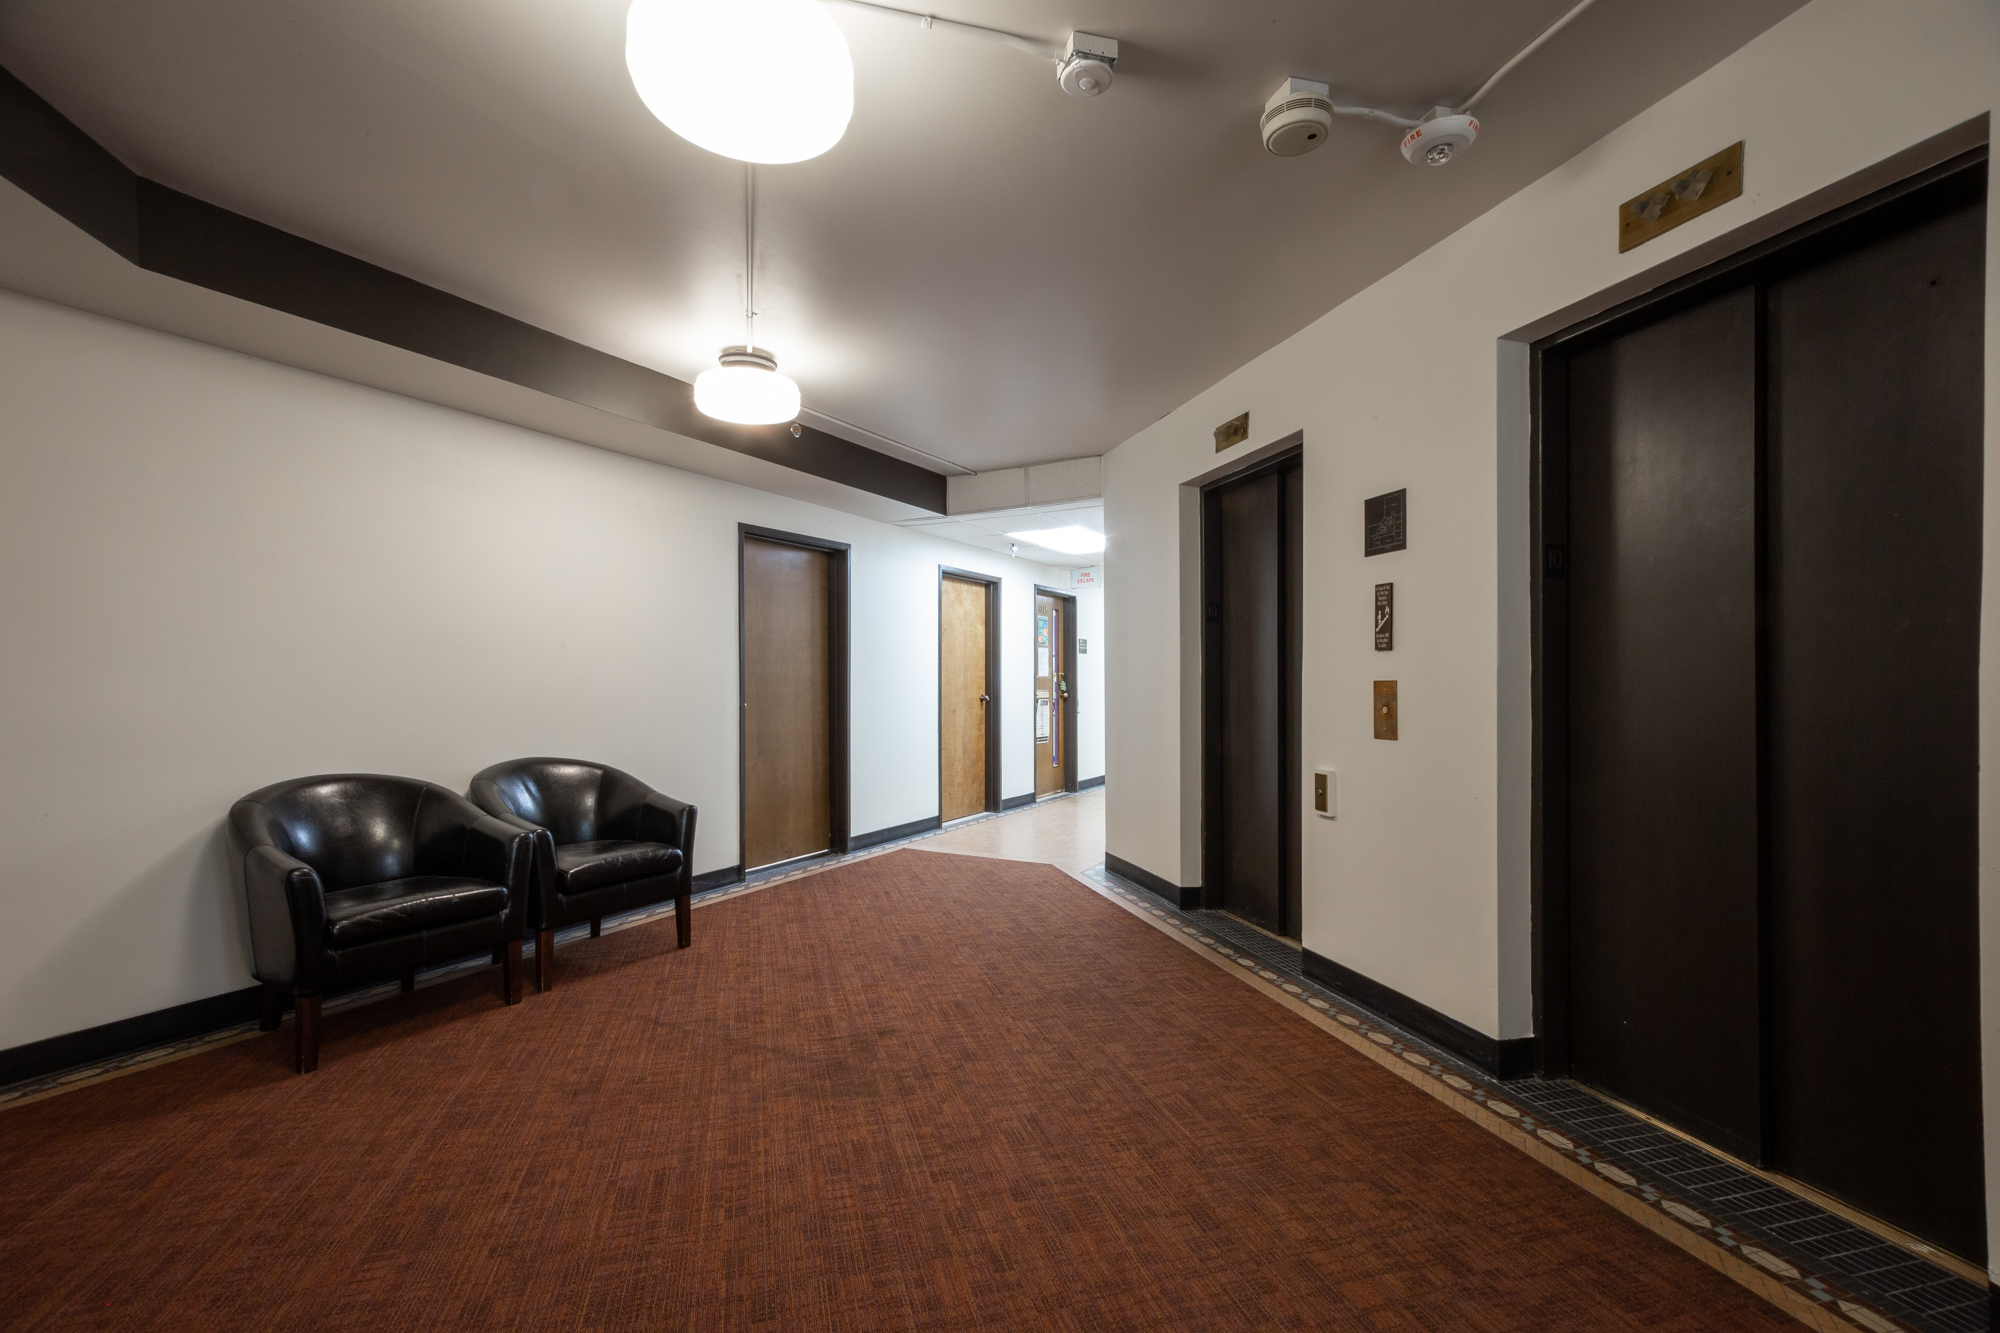 Hallways March 26th-08